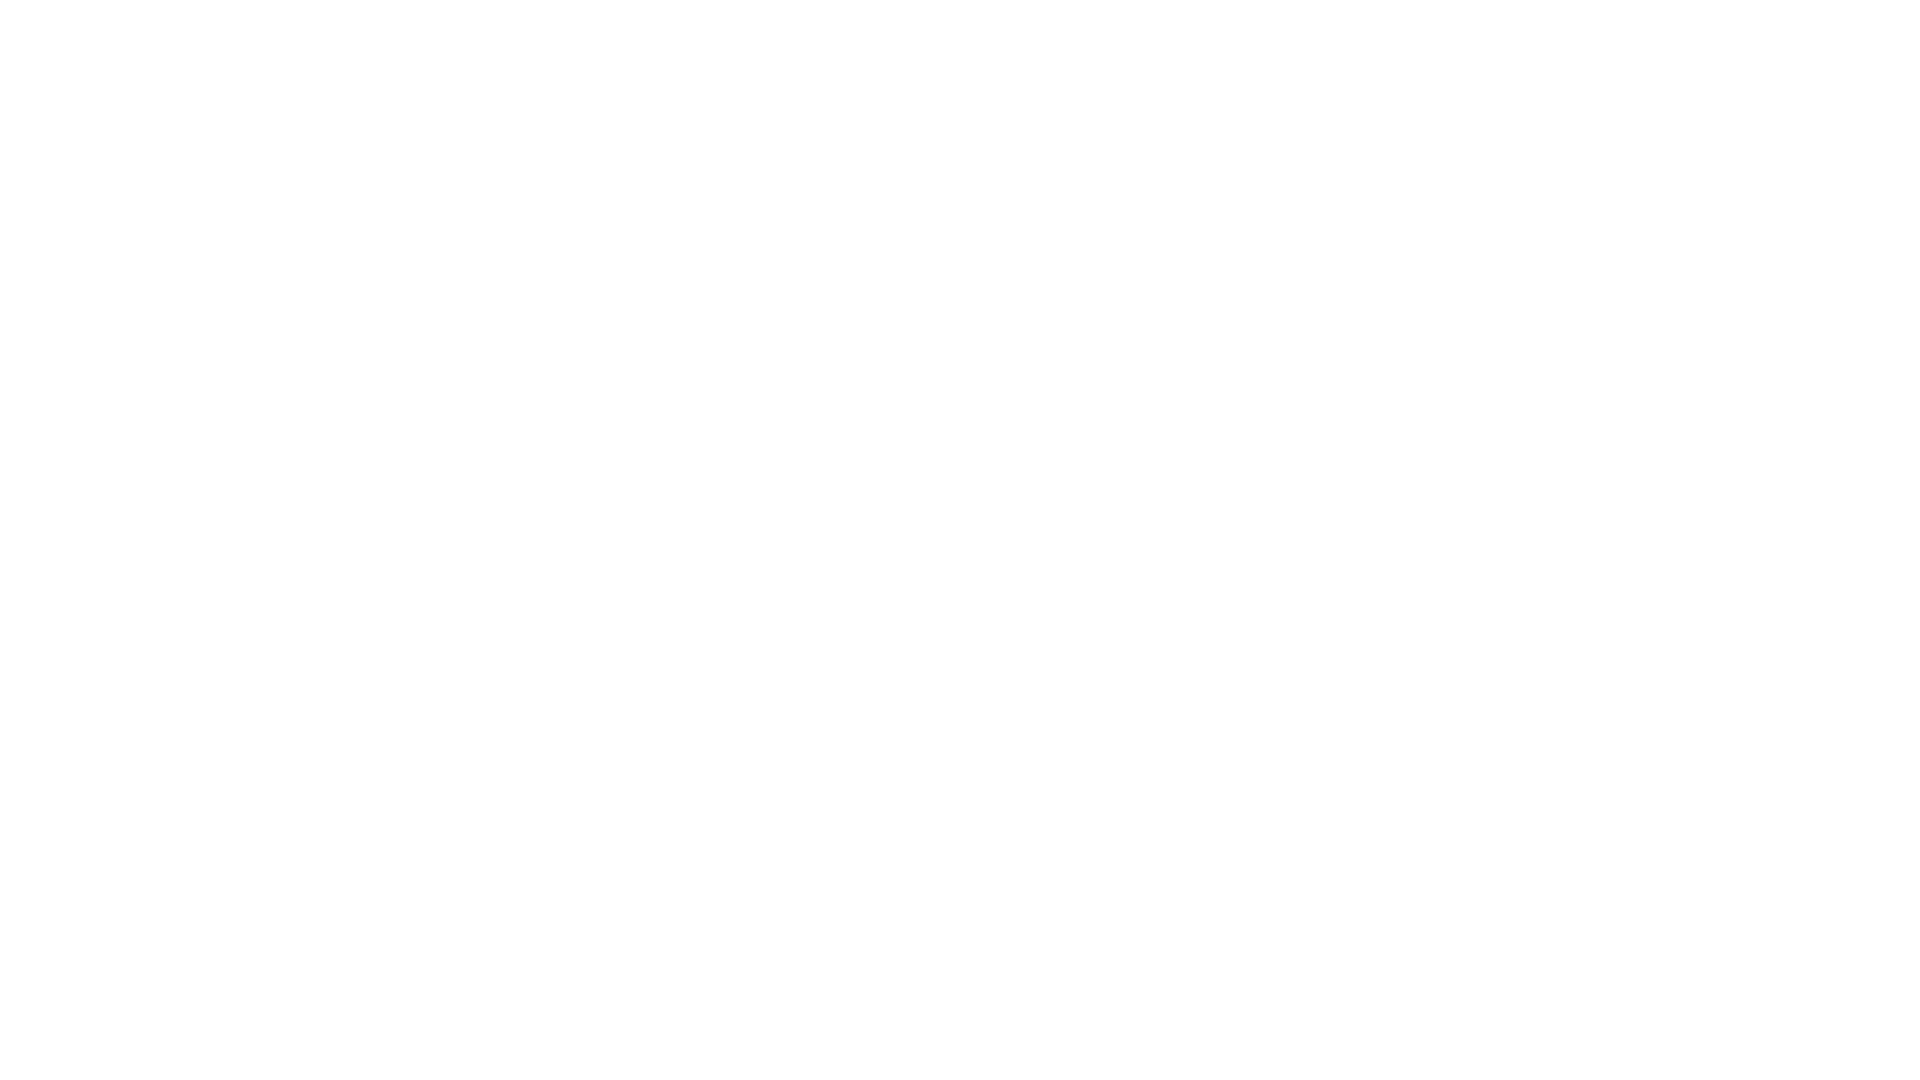 reel.png